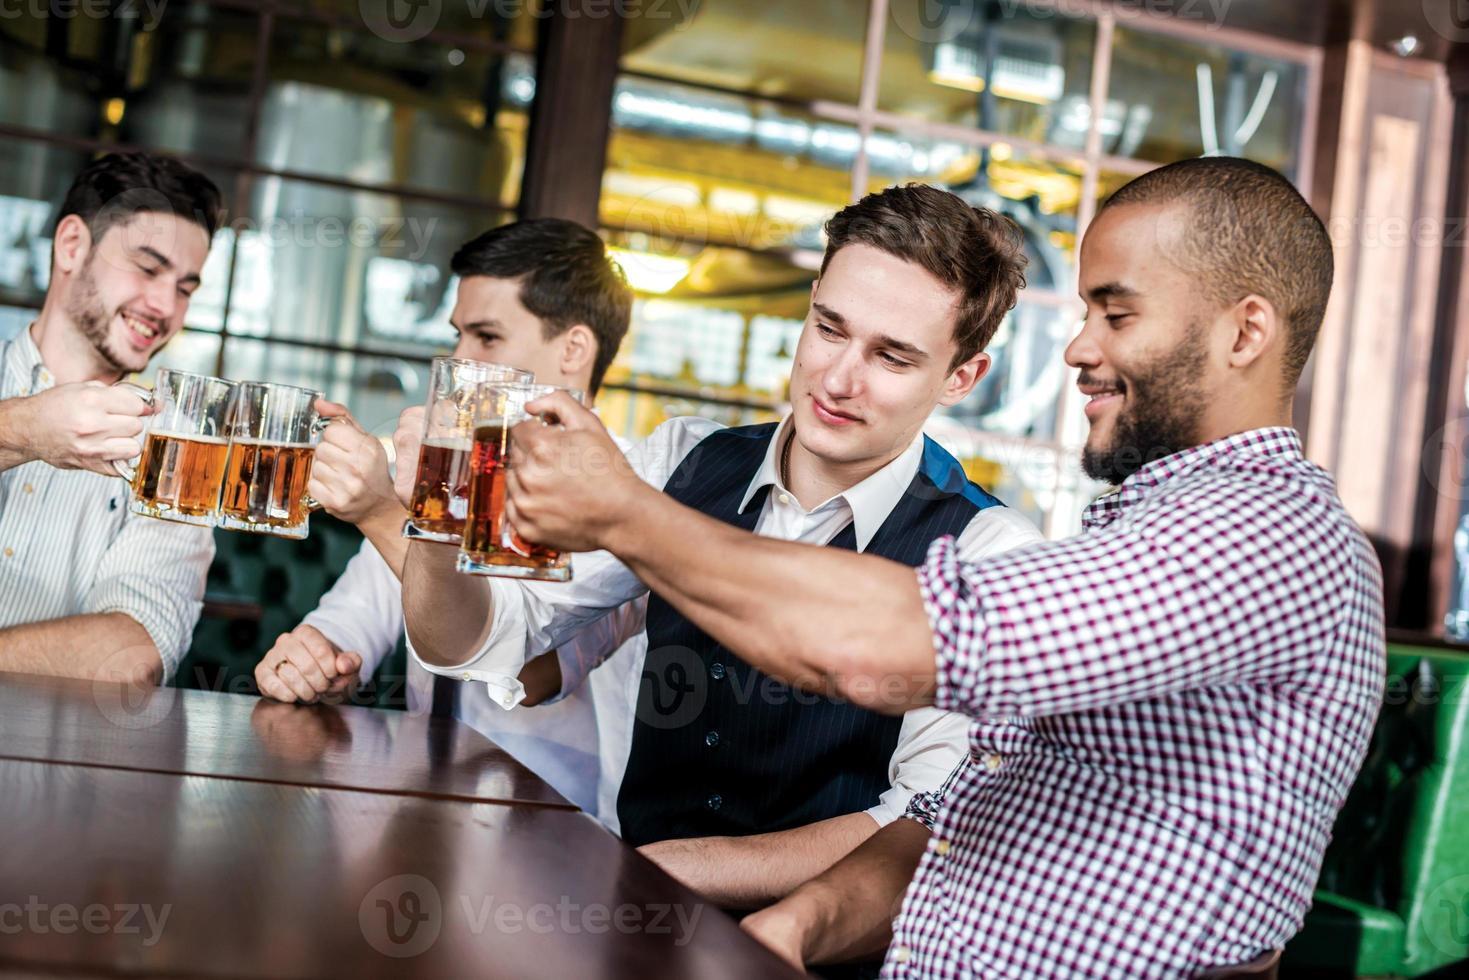 quattro amici di uomini d'affari bevono birra e trascorrono del tempo insieme foto